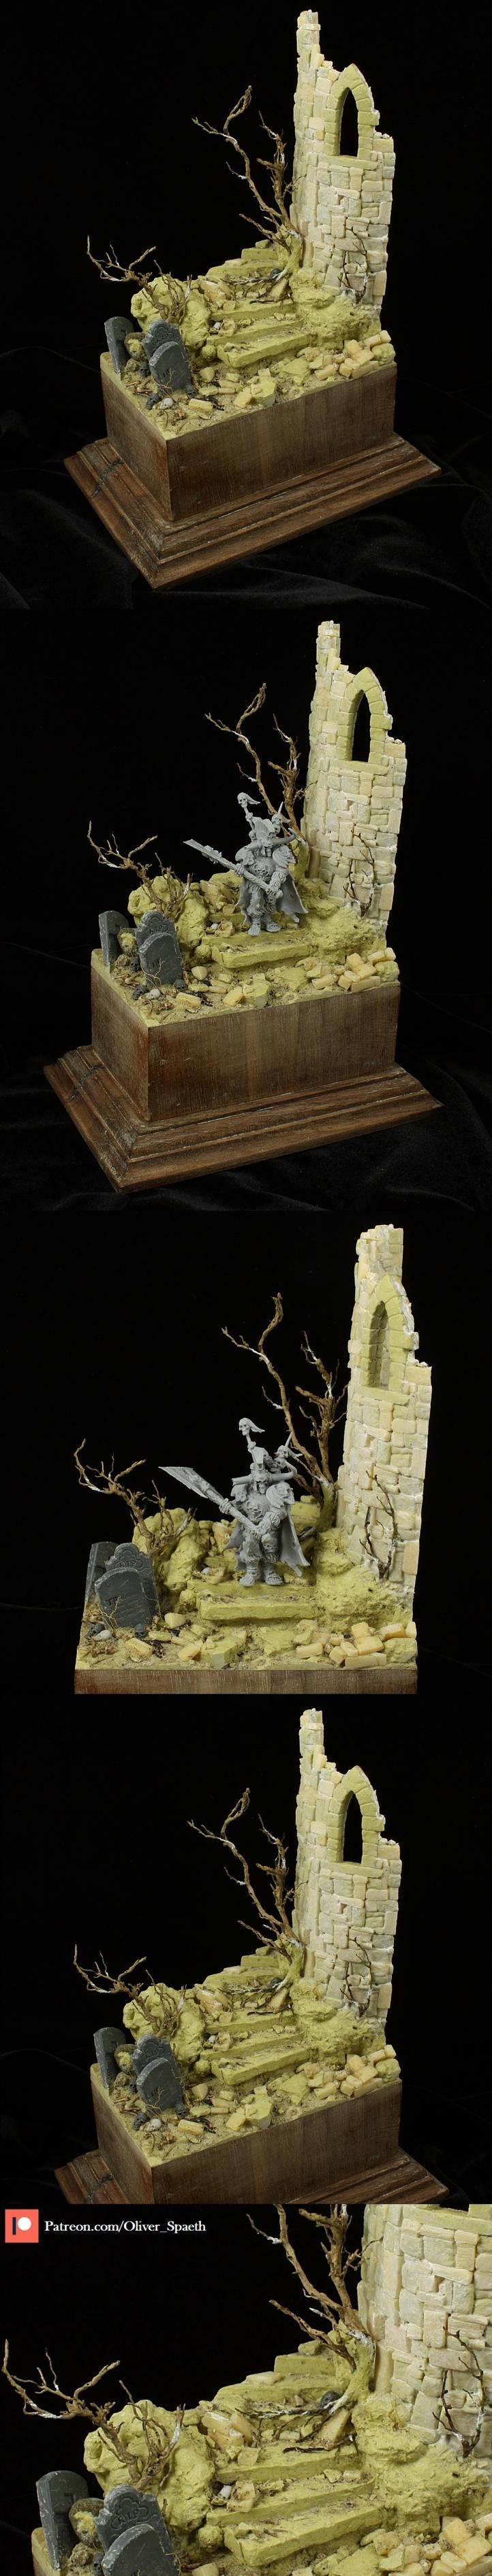 Ruin-Diorama - Sculpting